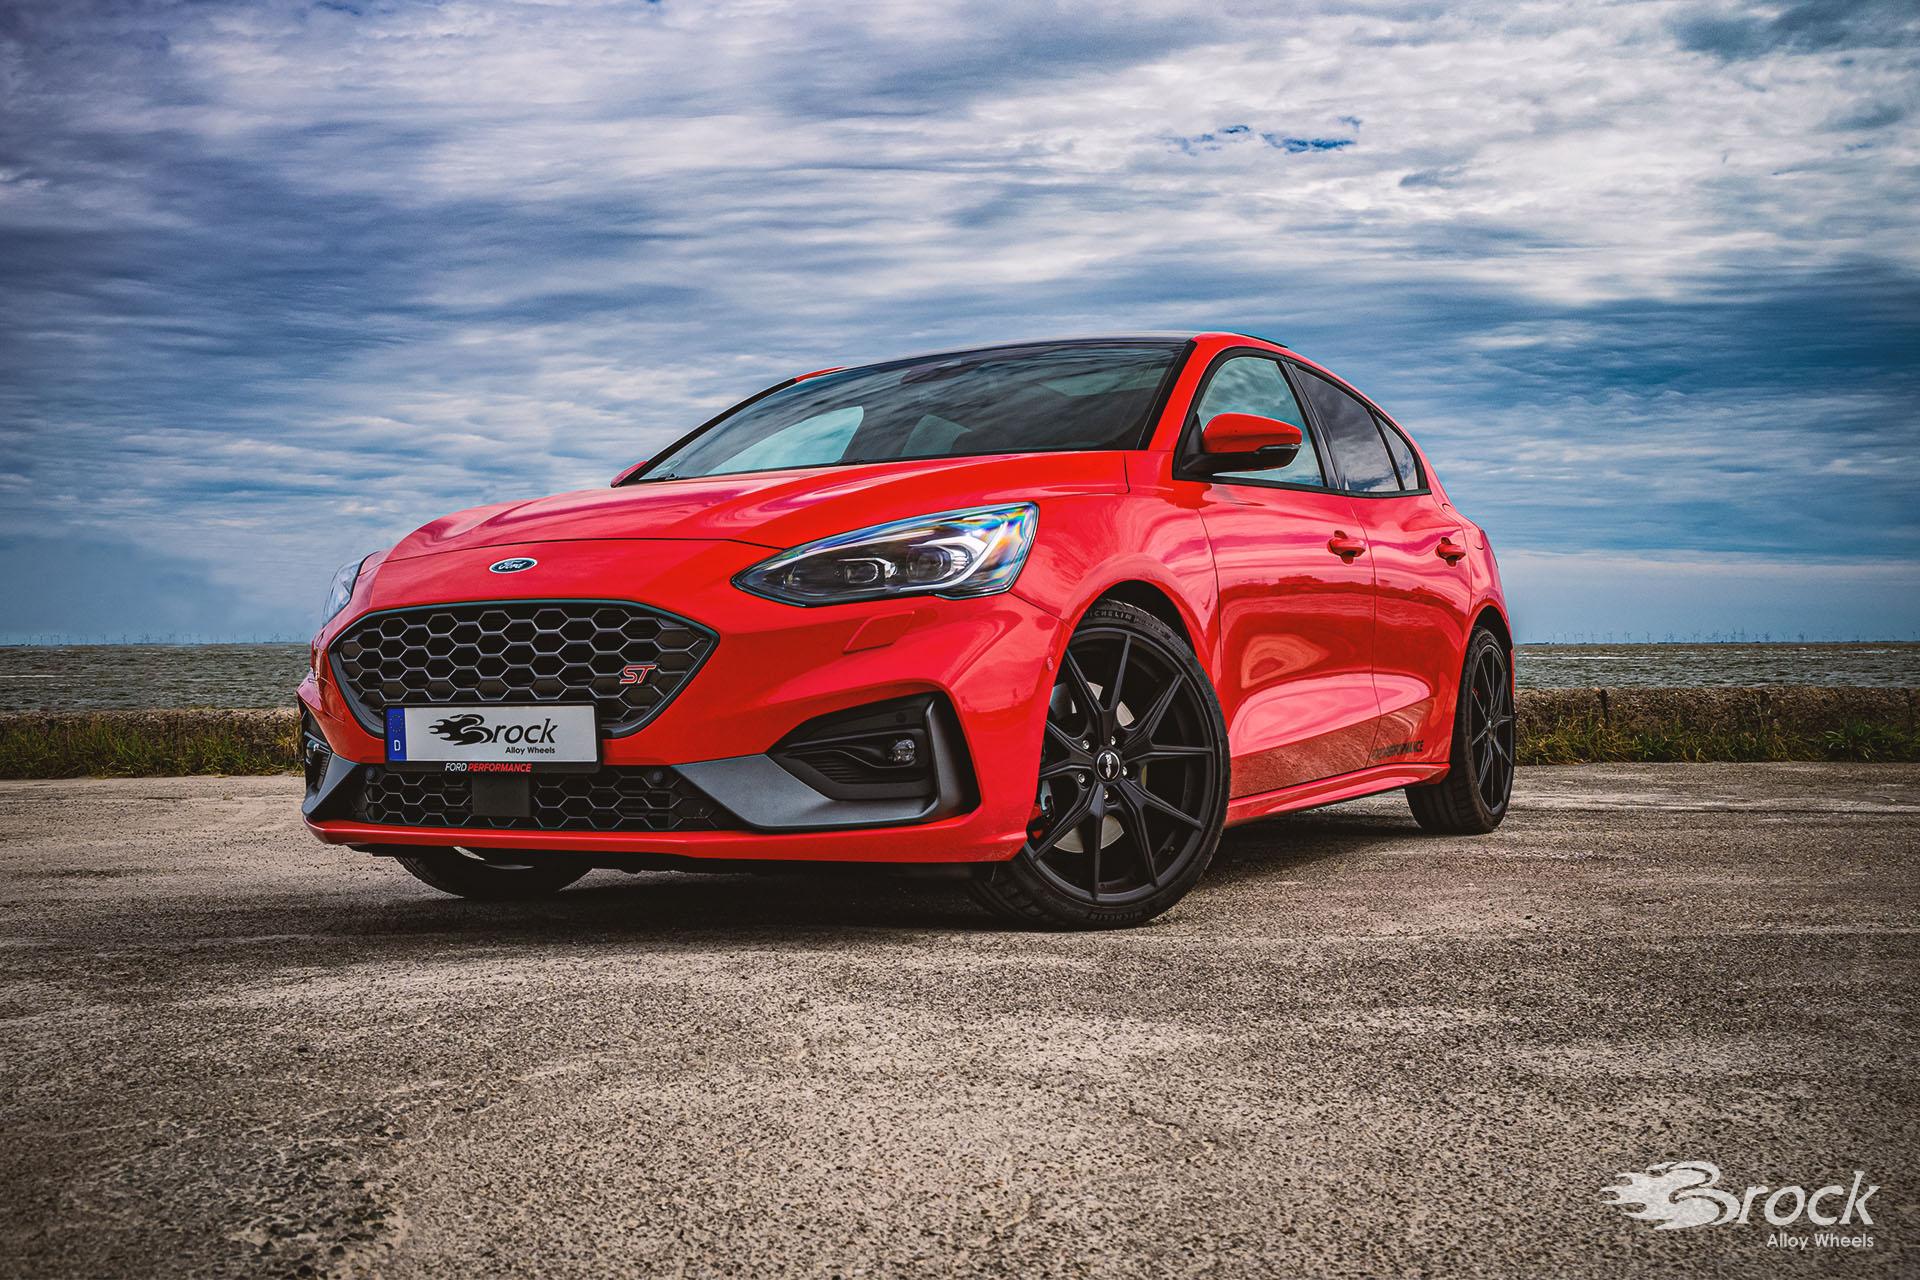 19 Zoll ABE Alufelgen für den Ford Focus ST [DEH] - Brock B40